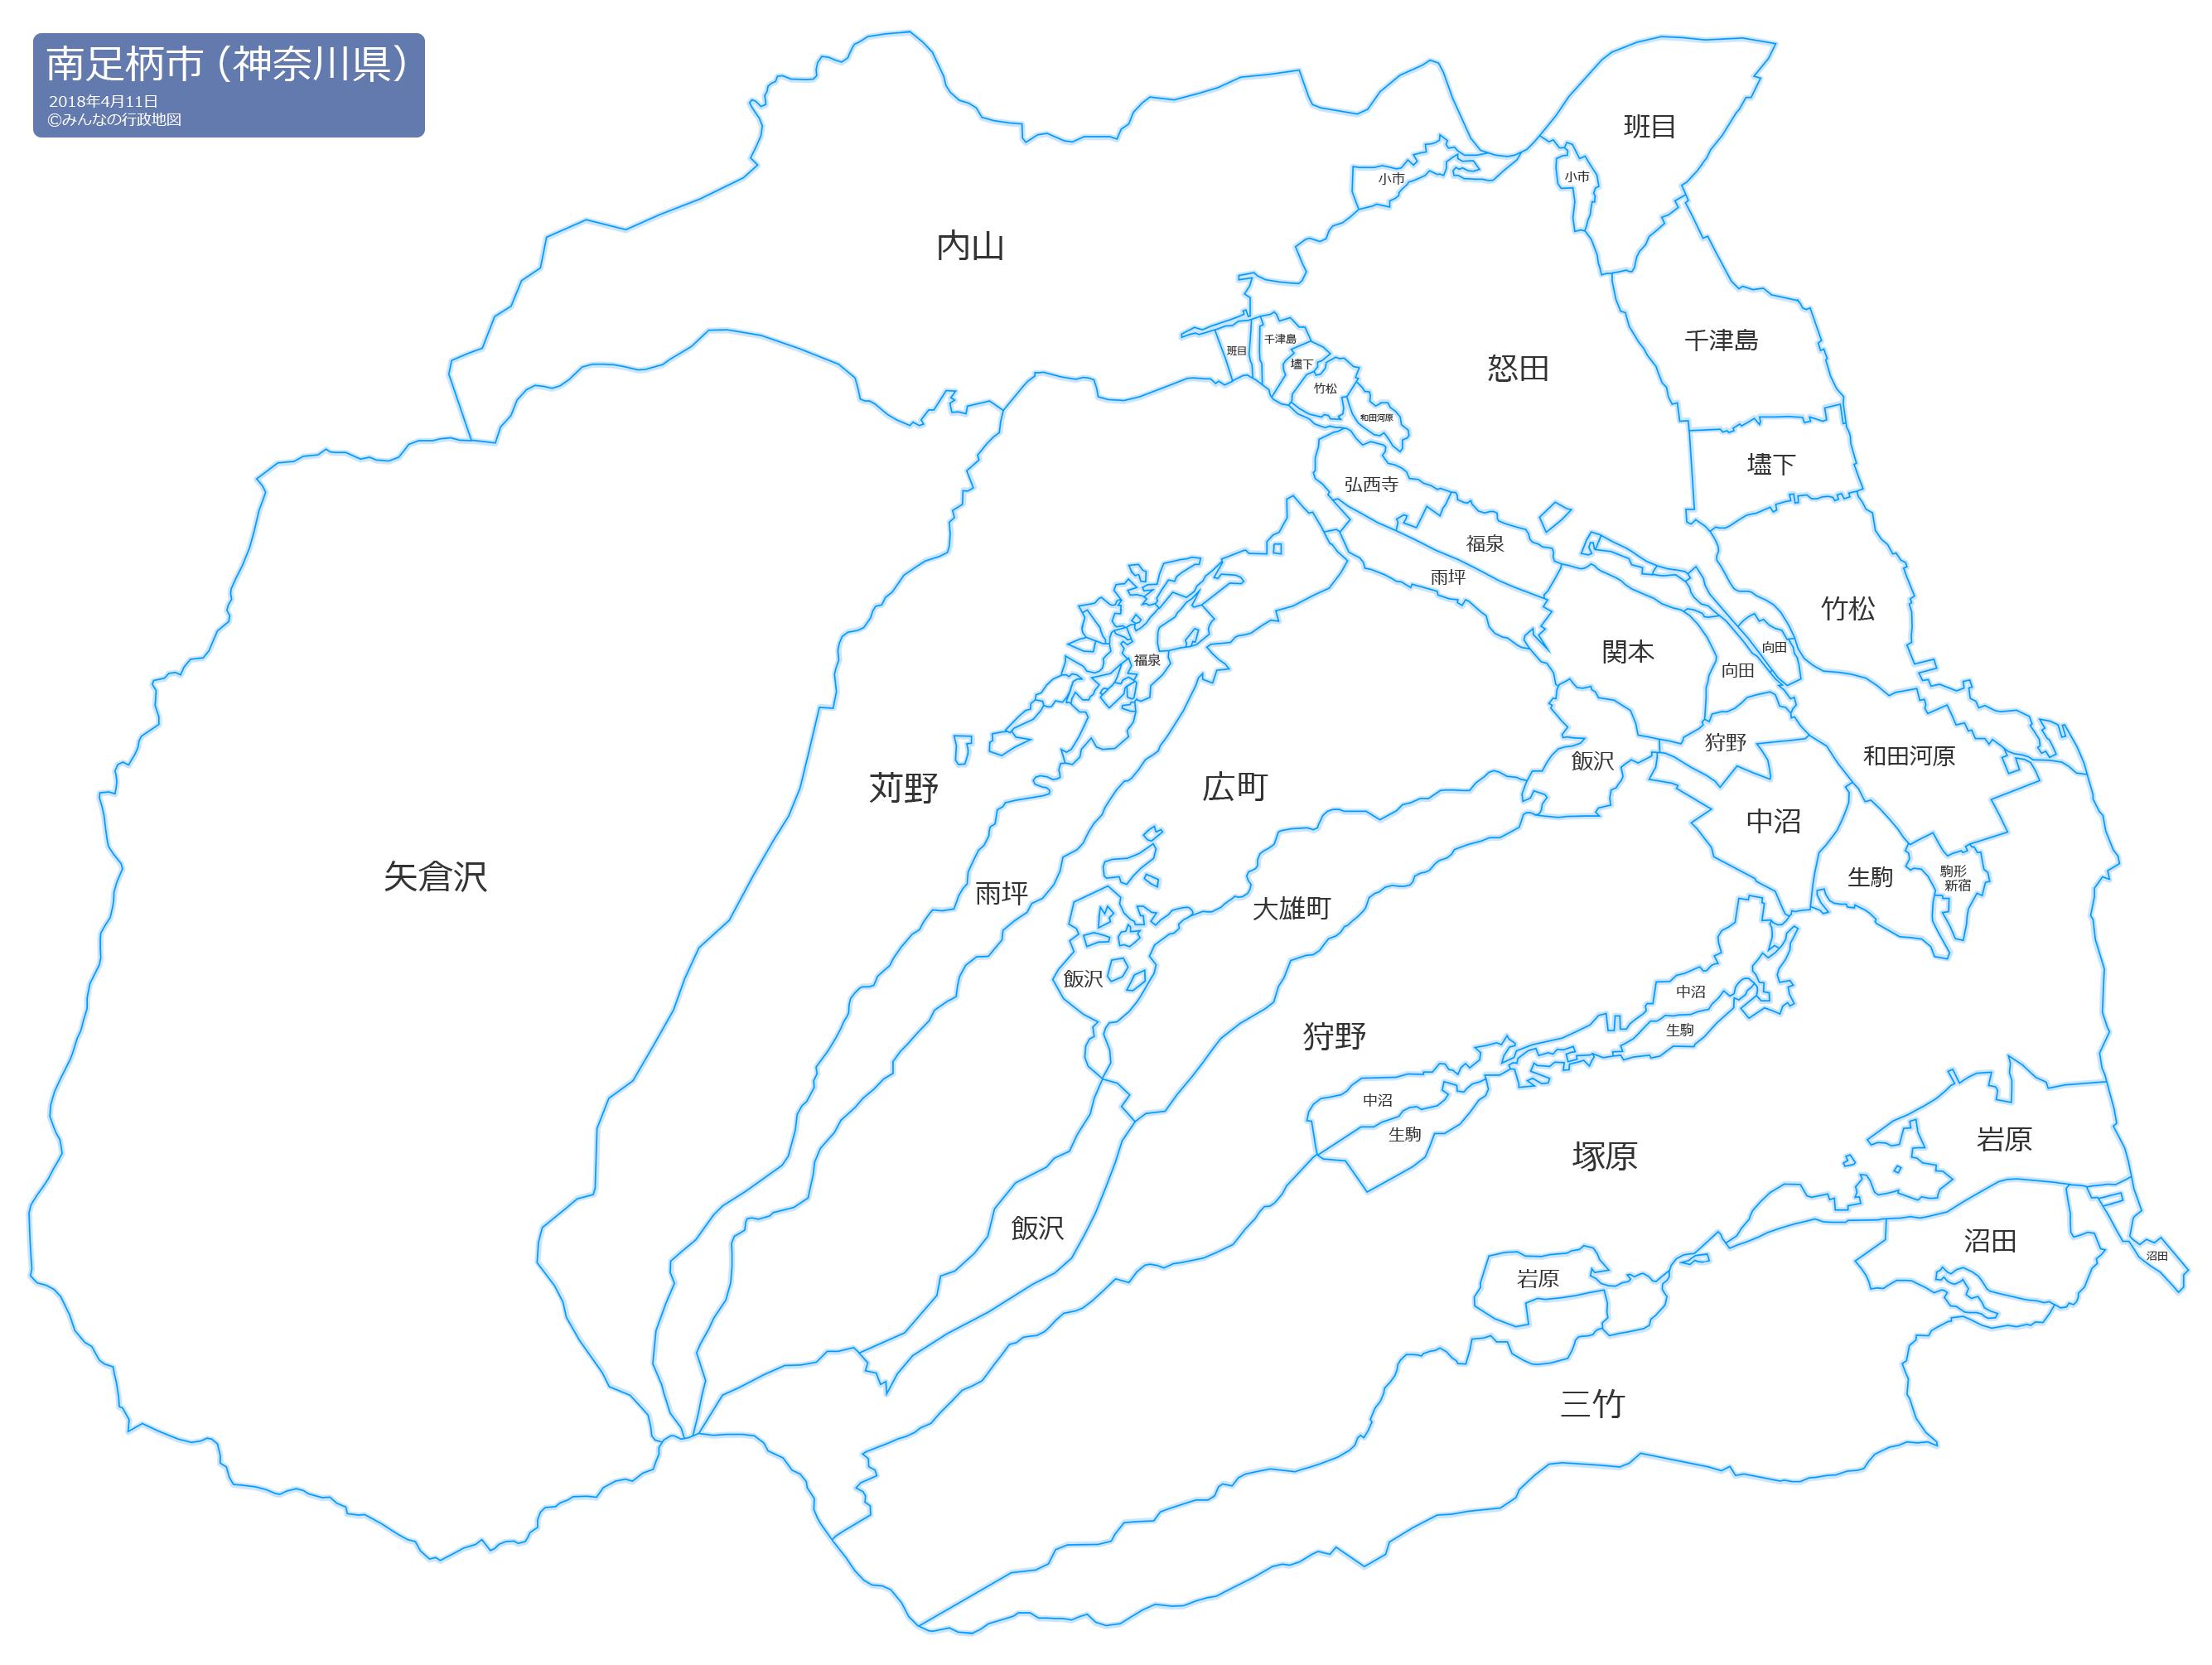 南足柄市(神奈川県) - みんなの行政地図